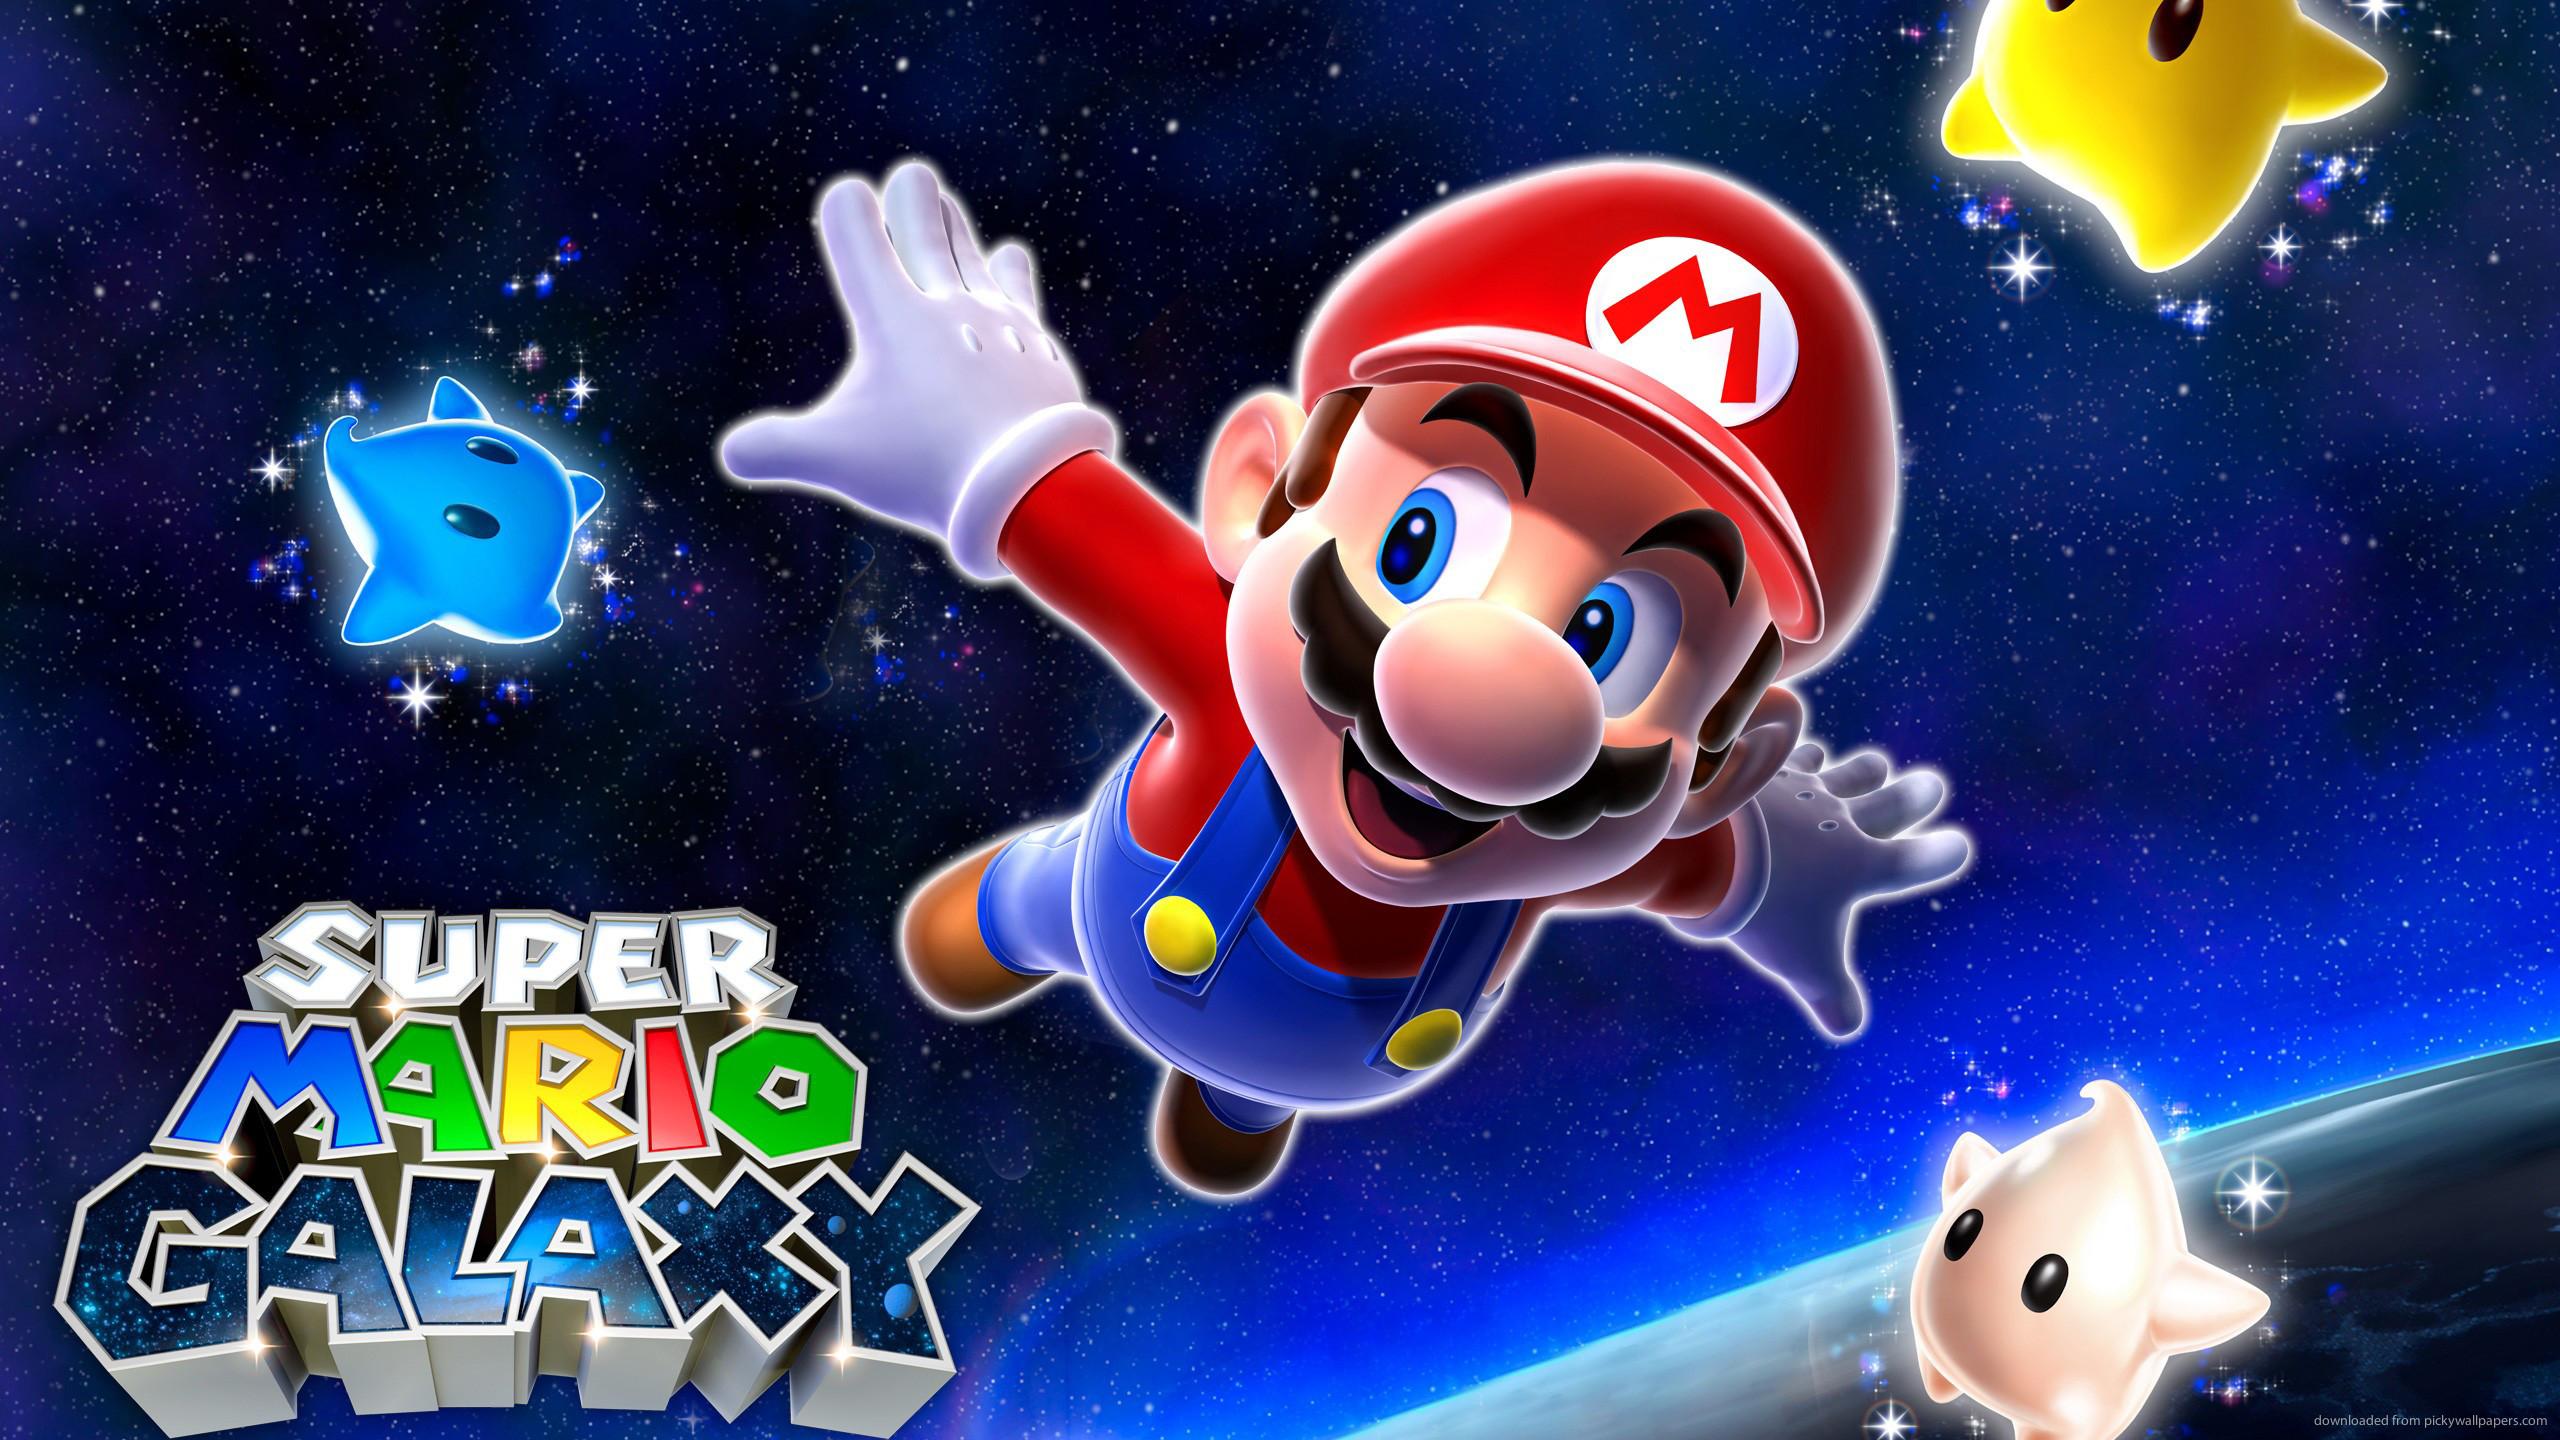 Super Mario Galaxy for 2560×1440